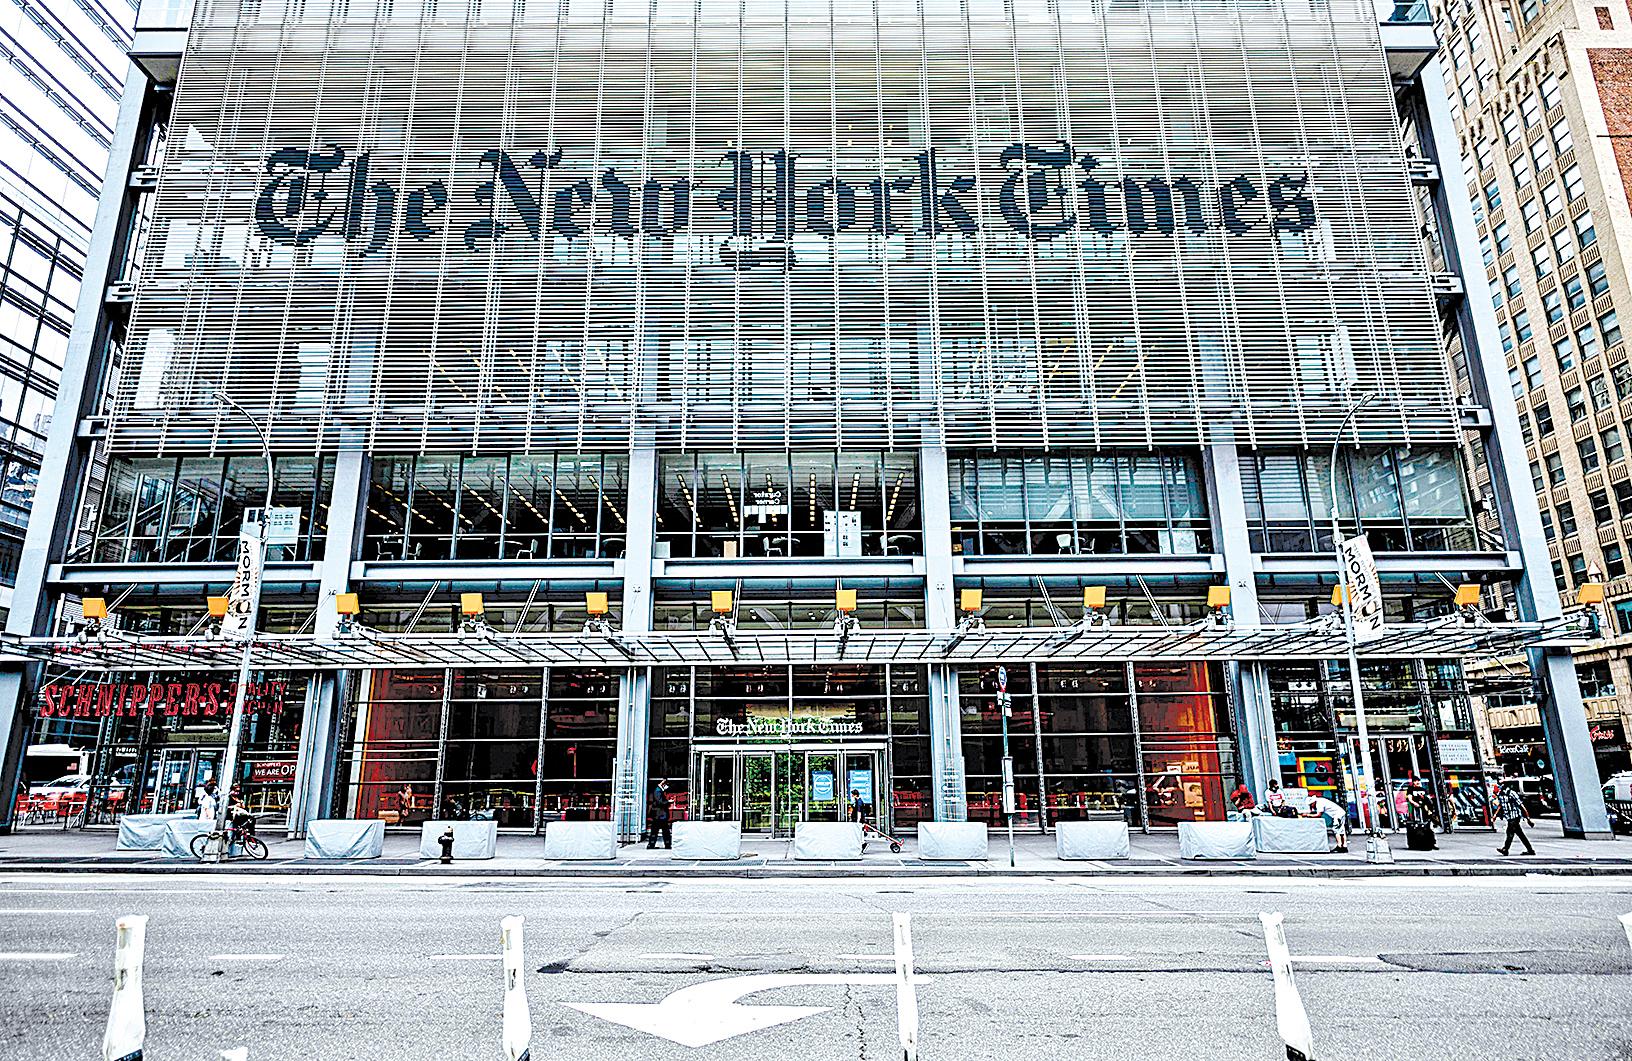 《紐約時報》近日刊登專文攻擊《大紀元時報》,引發各界關注。有許多網友除了留言力挺《大紀元》堅持報道真相、值得信賴,也批評《紐時》立場親共,竟墮落到與中共官媒立場相同。圖為紐約時報大廈。(Johannes Eisele/AFP via Getty Images)